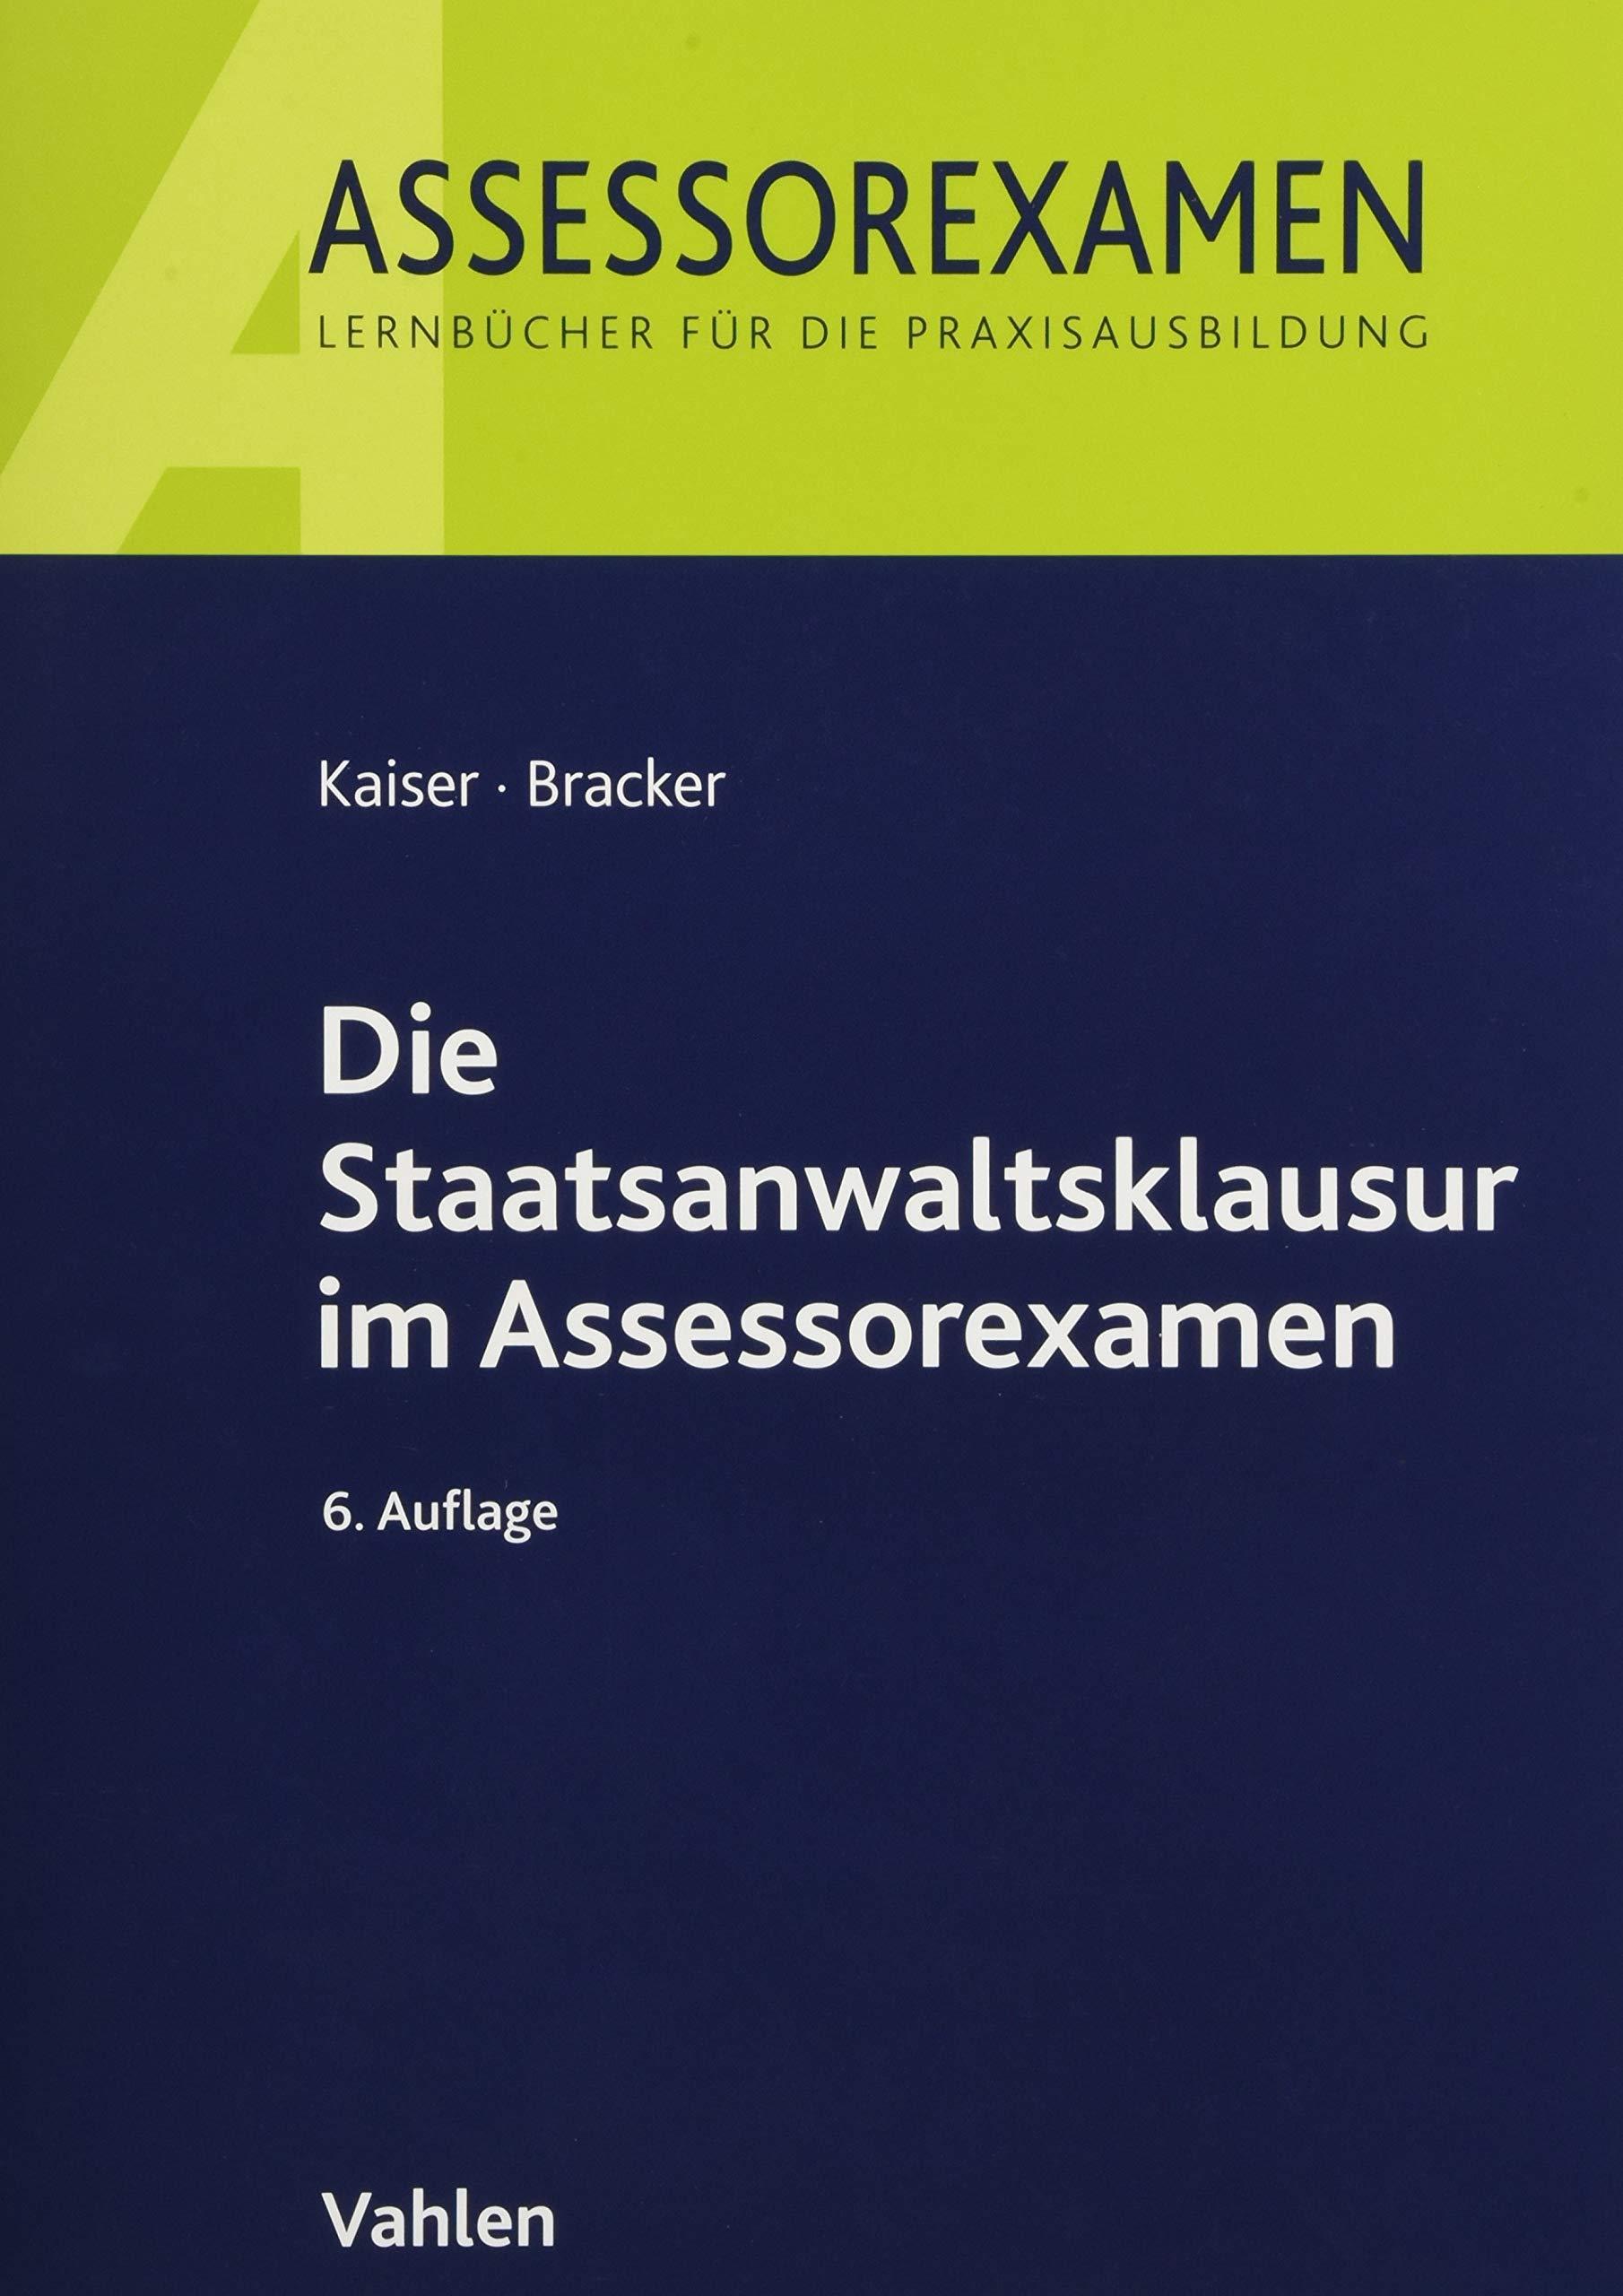 Die Staatsanwaltsklausur im Assessorexamen Taschenbuch – 25. Juni 2018 Horst Kaiser Ronald Bracker Vahlen 3800656698